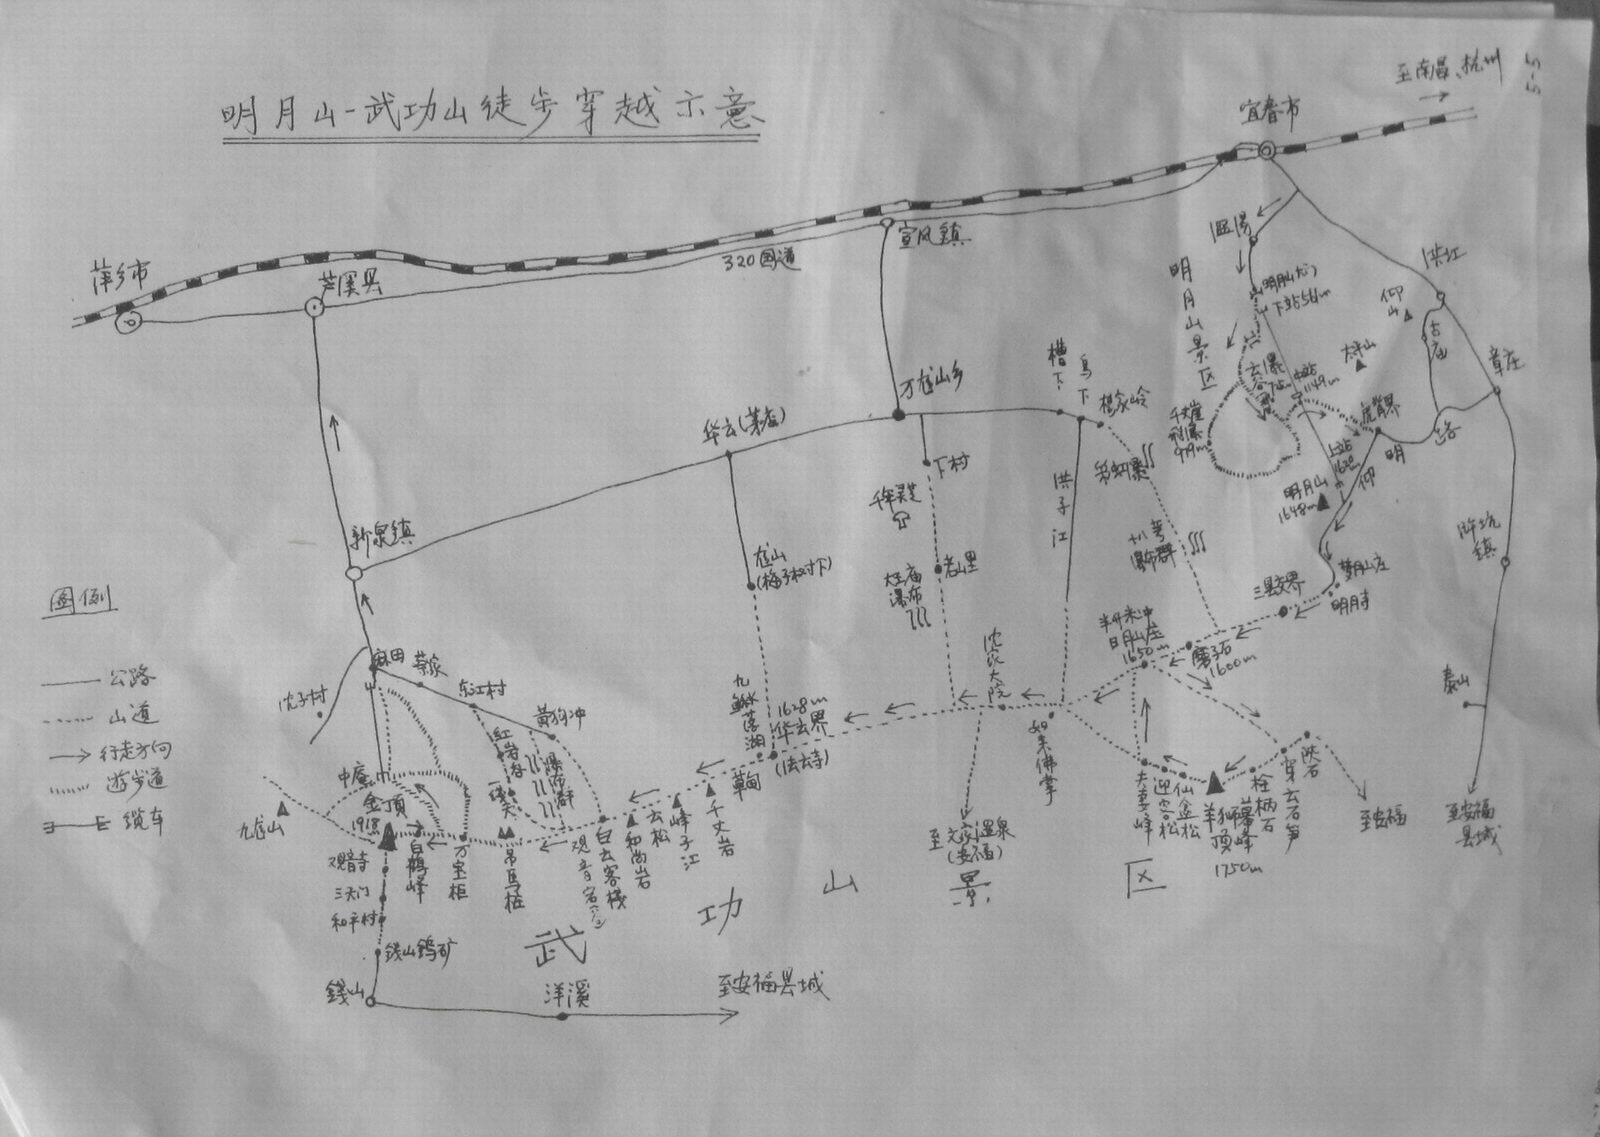 附上手绘地图 绘者:潘文安